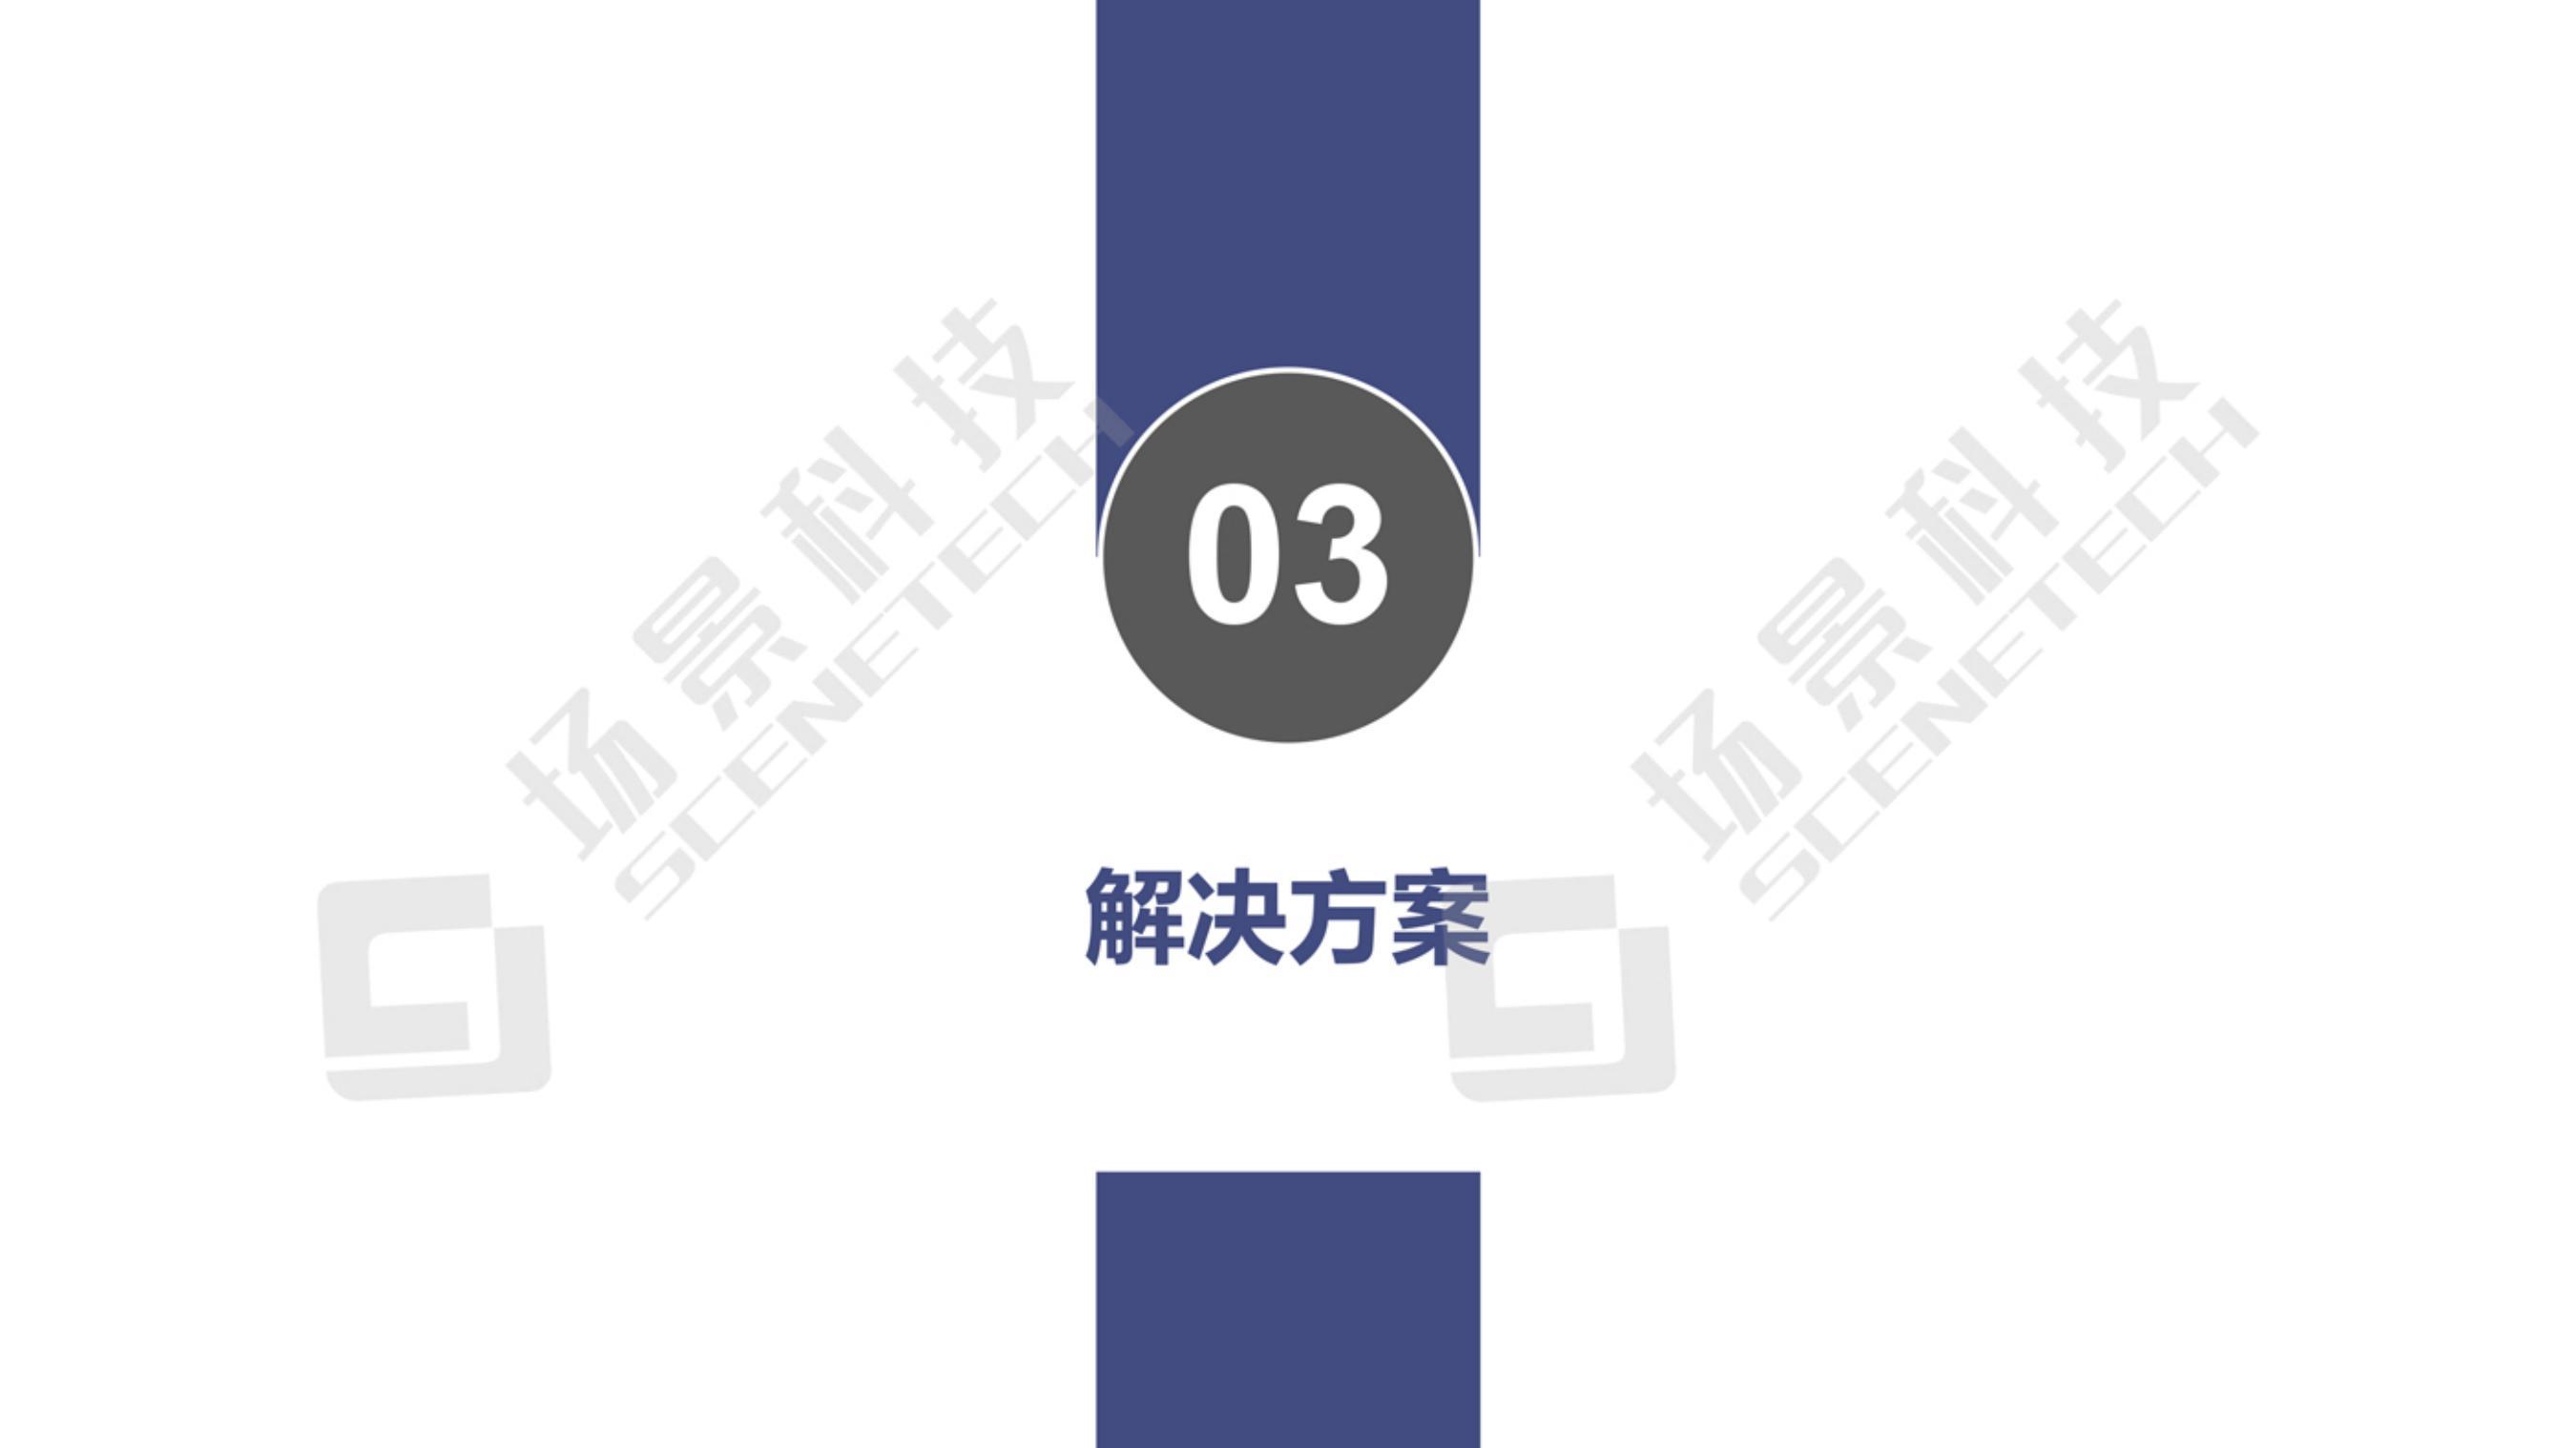 化工安全生产信息化管理解决方案20210511_07